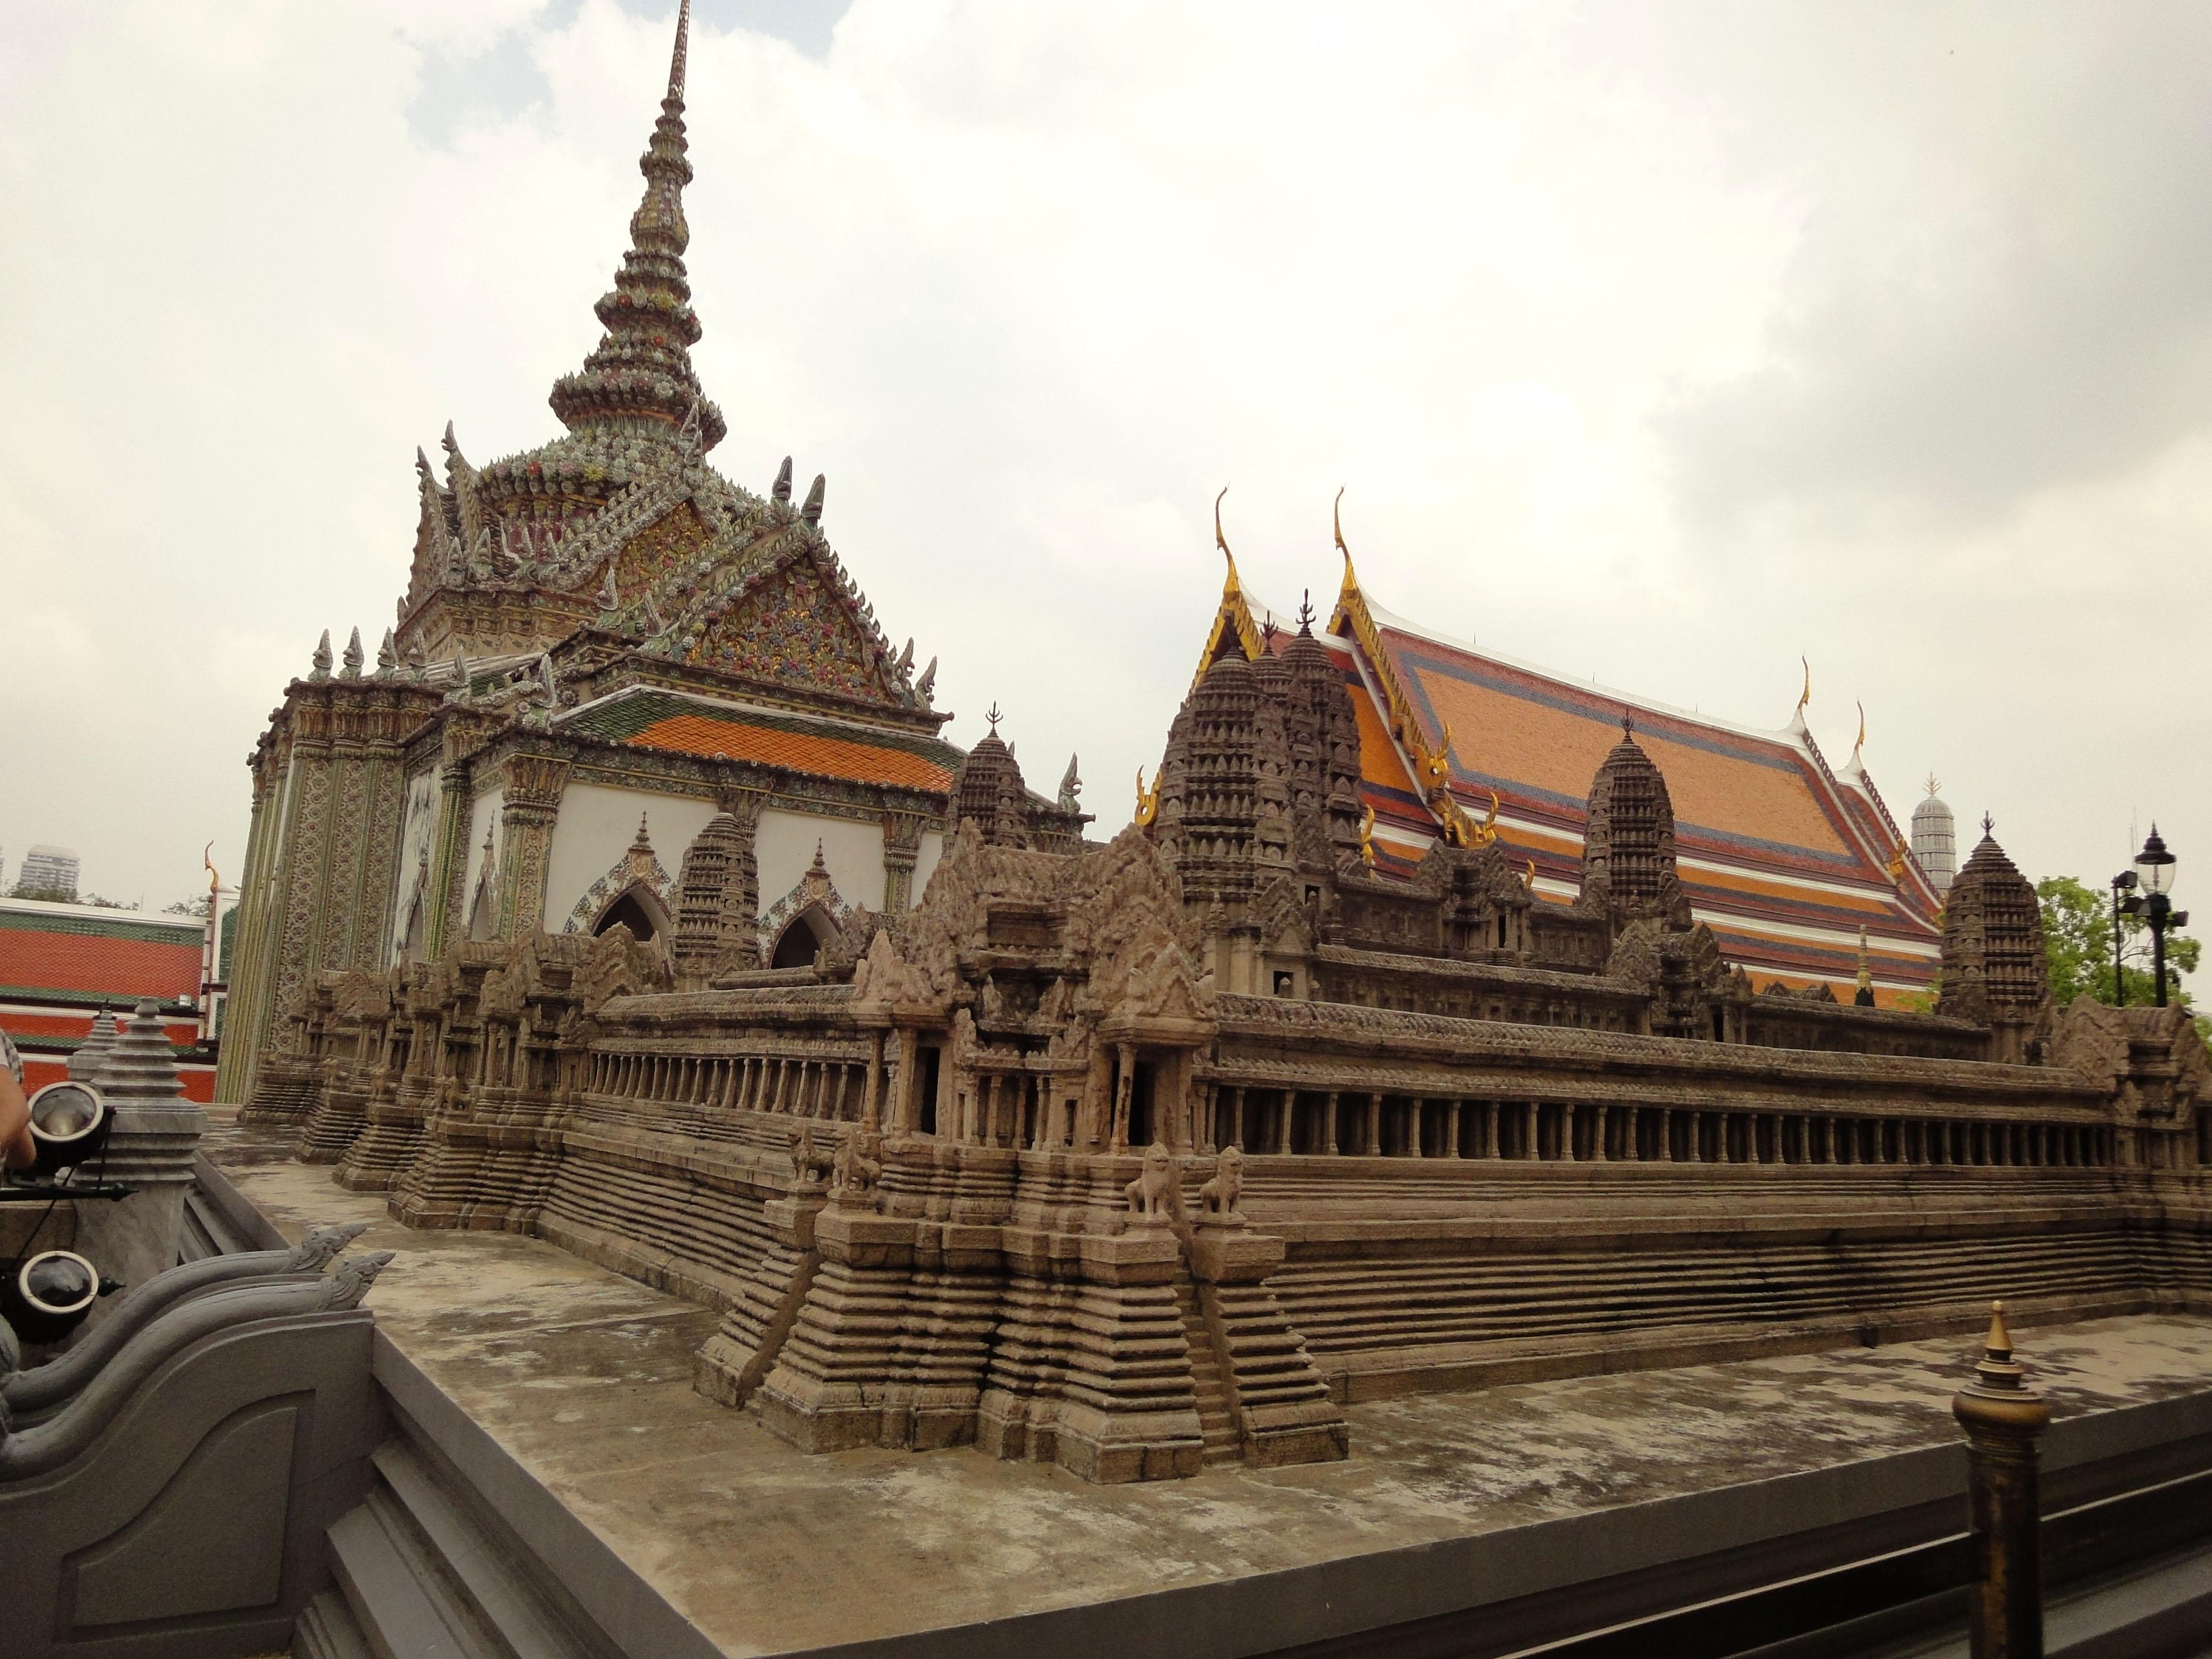 06 Model of the Angkor Wat Grand Palace Bangkok Thailand 04